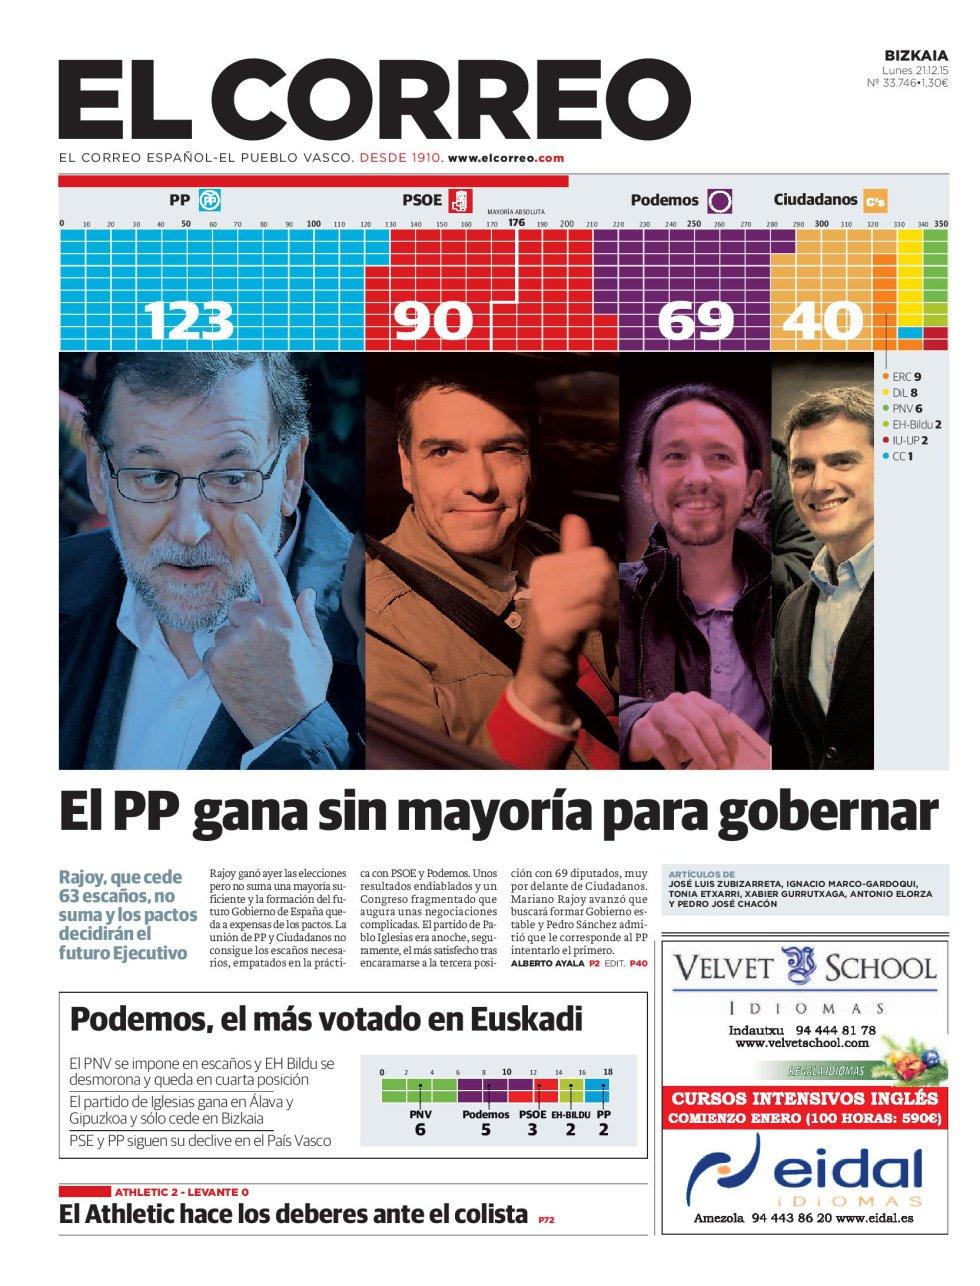 Portada de 'El Correo' del lunes 21 de diciembre de 2015.